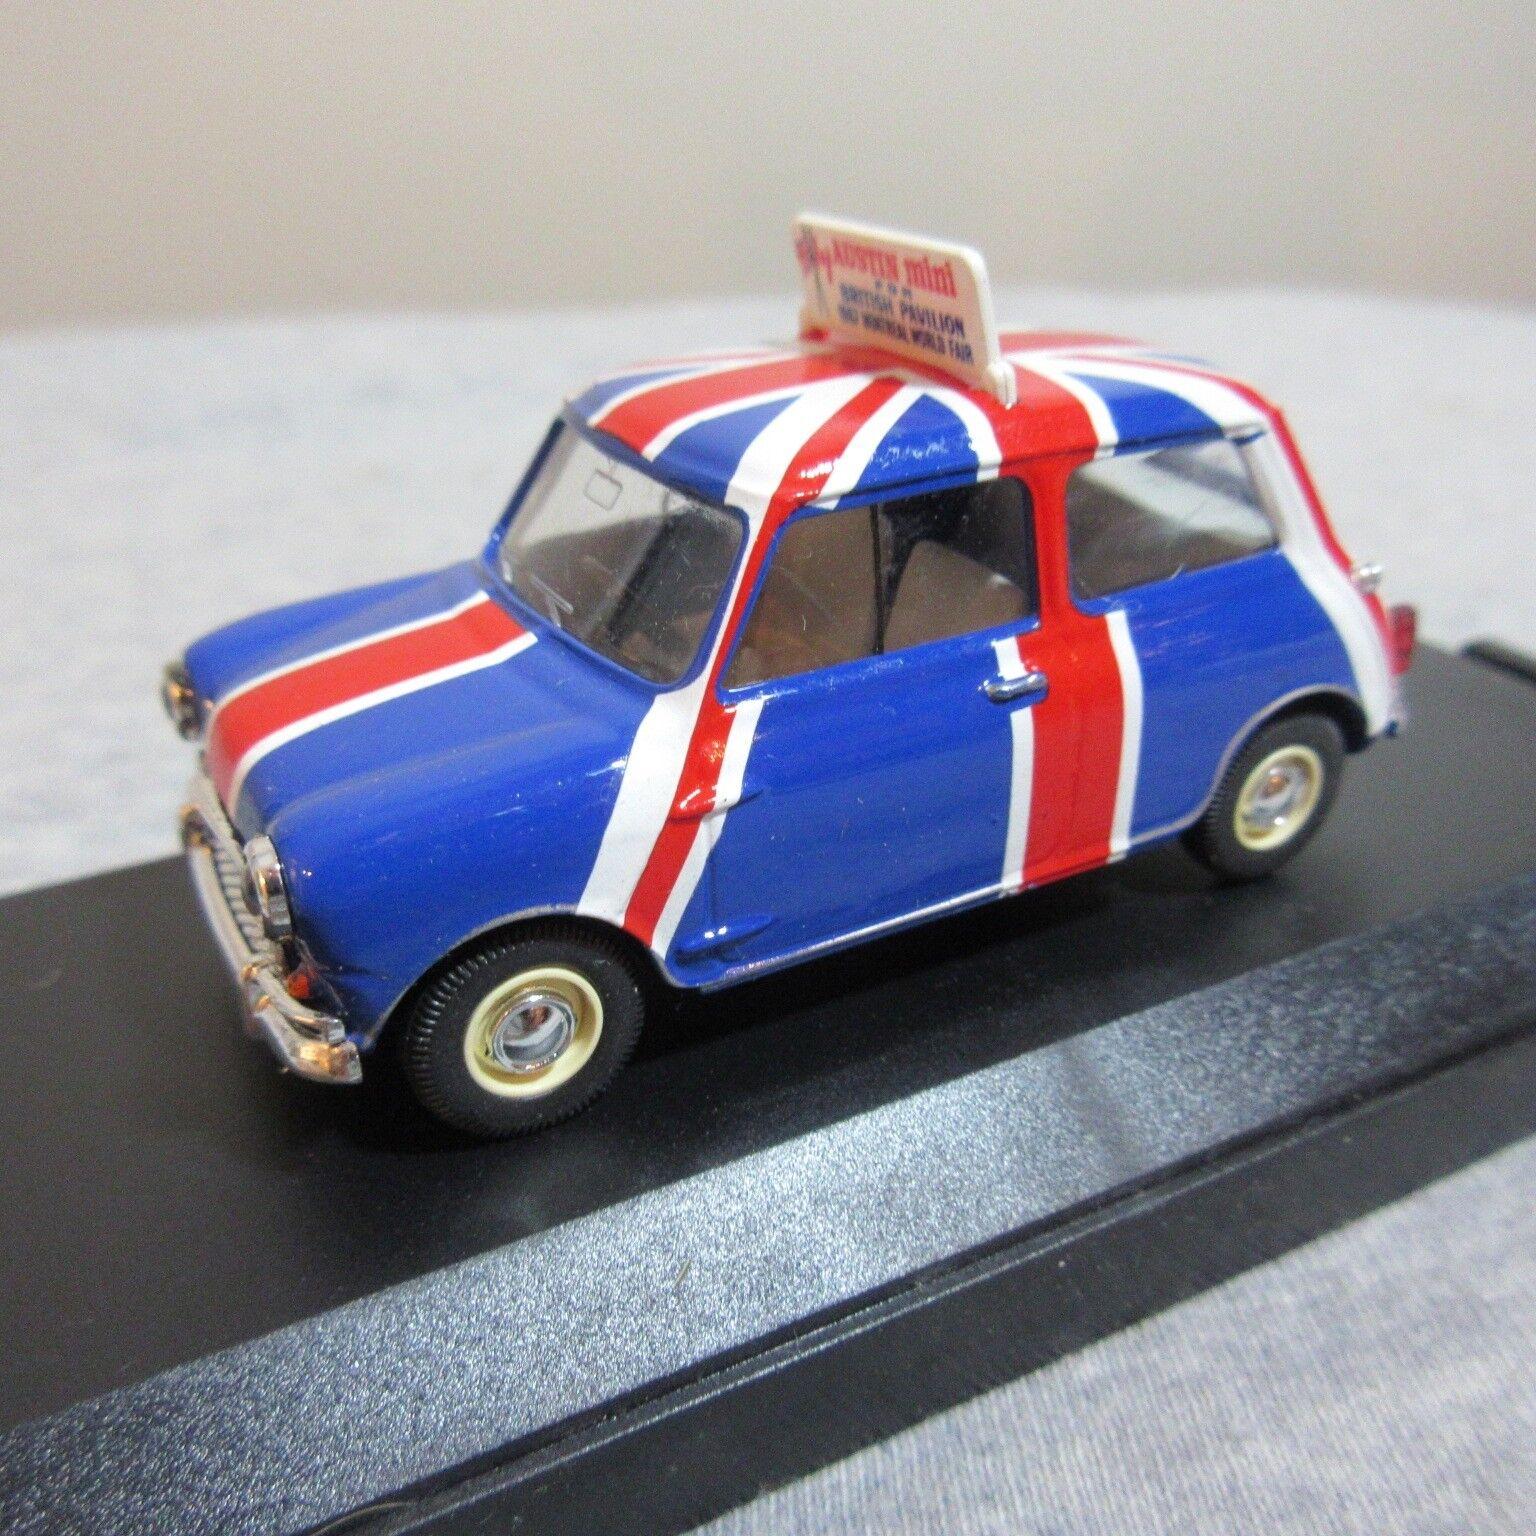 mejor reputación Nuevo Nuevo Nuevo En Caja Nueva Escala 1 43 raro duro encontrar Vitesse Austin Mini Edición Limitada 5000 1967 británico justo  elige tu favorito